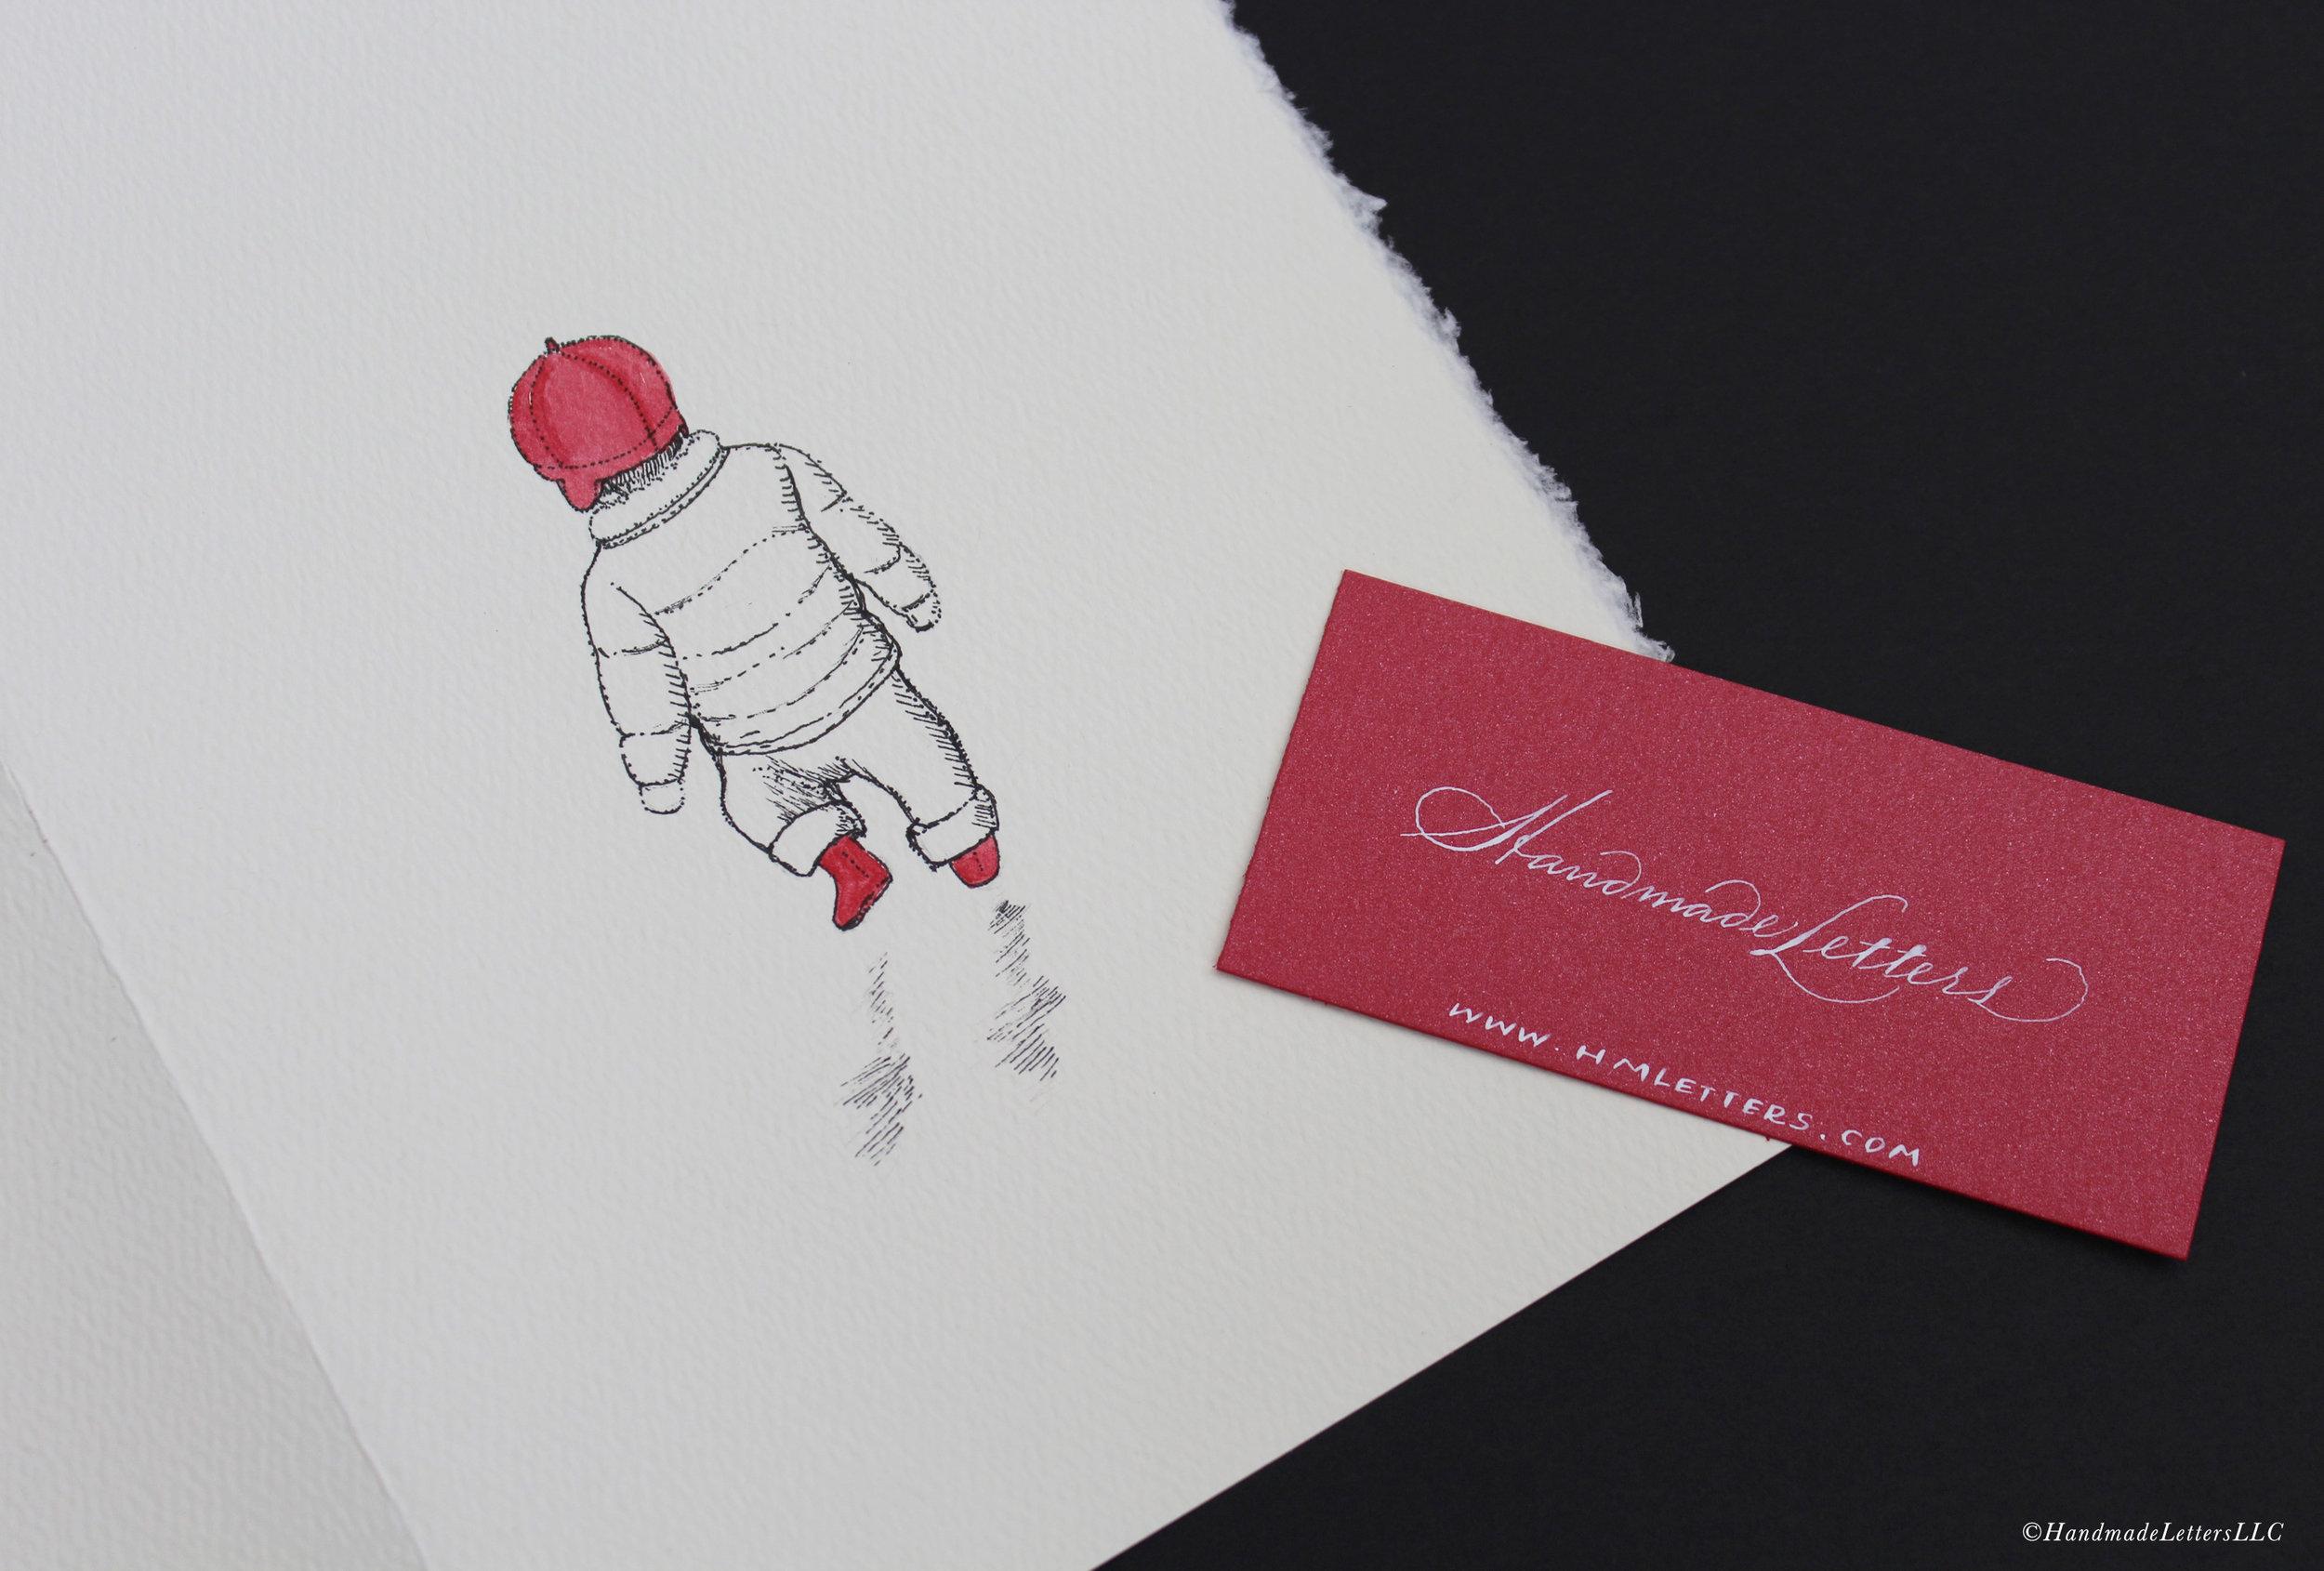 Handmade Letters - Letter for Caroline